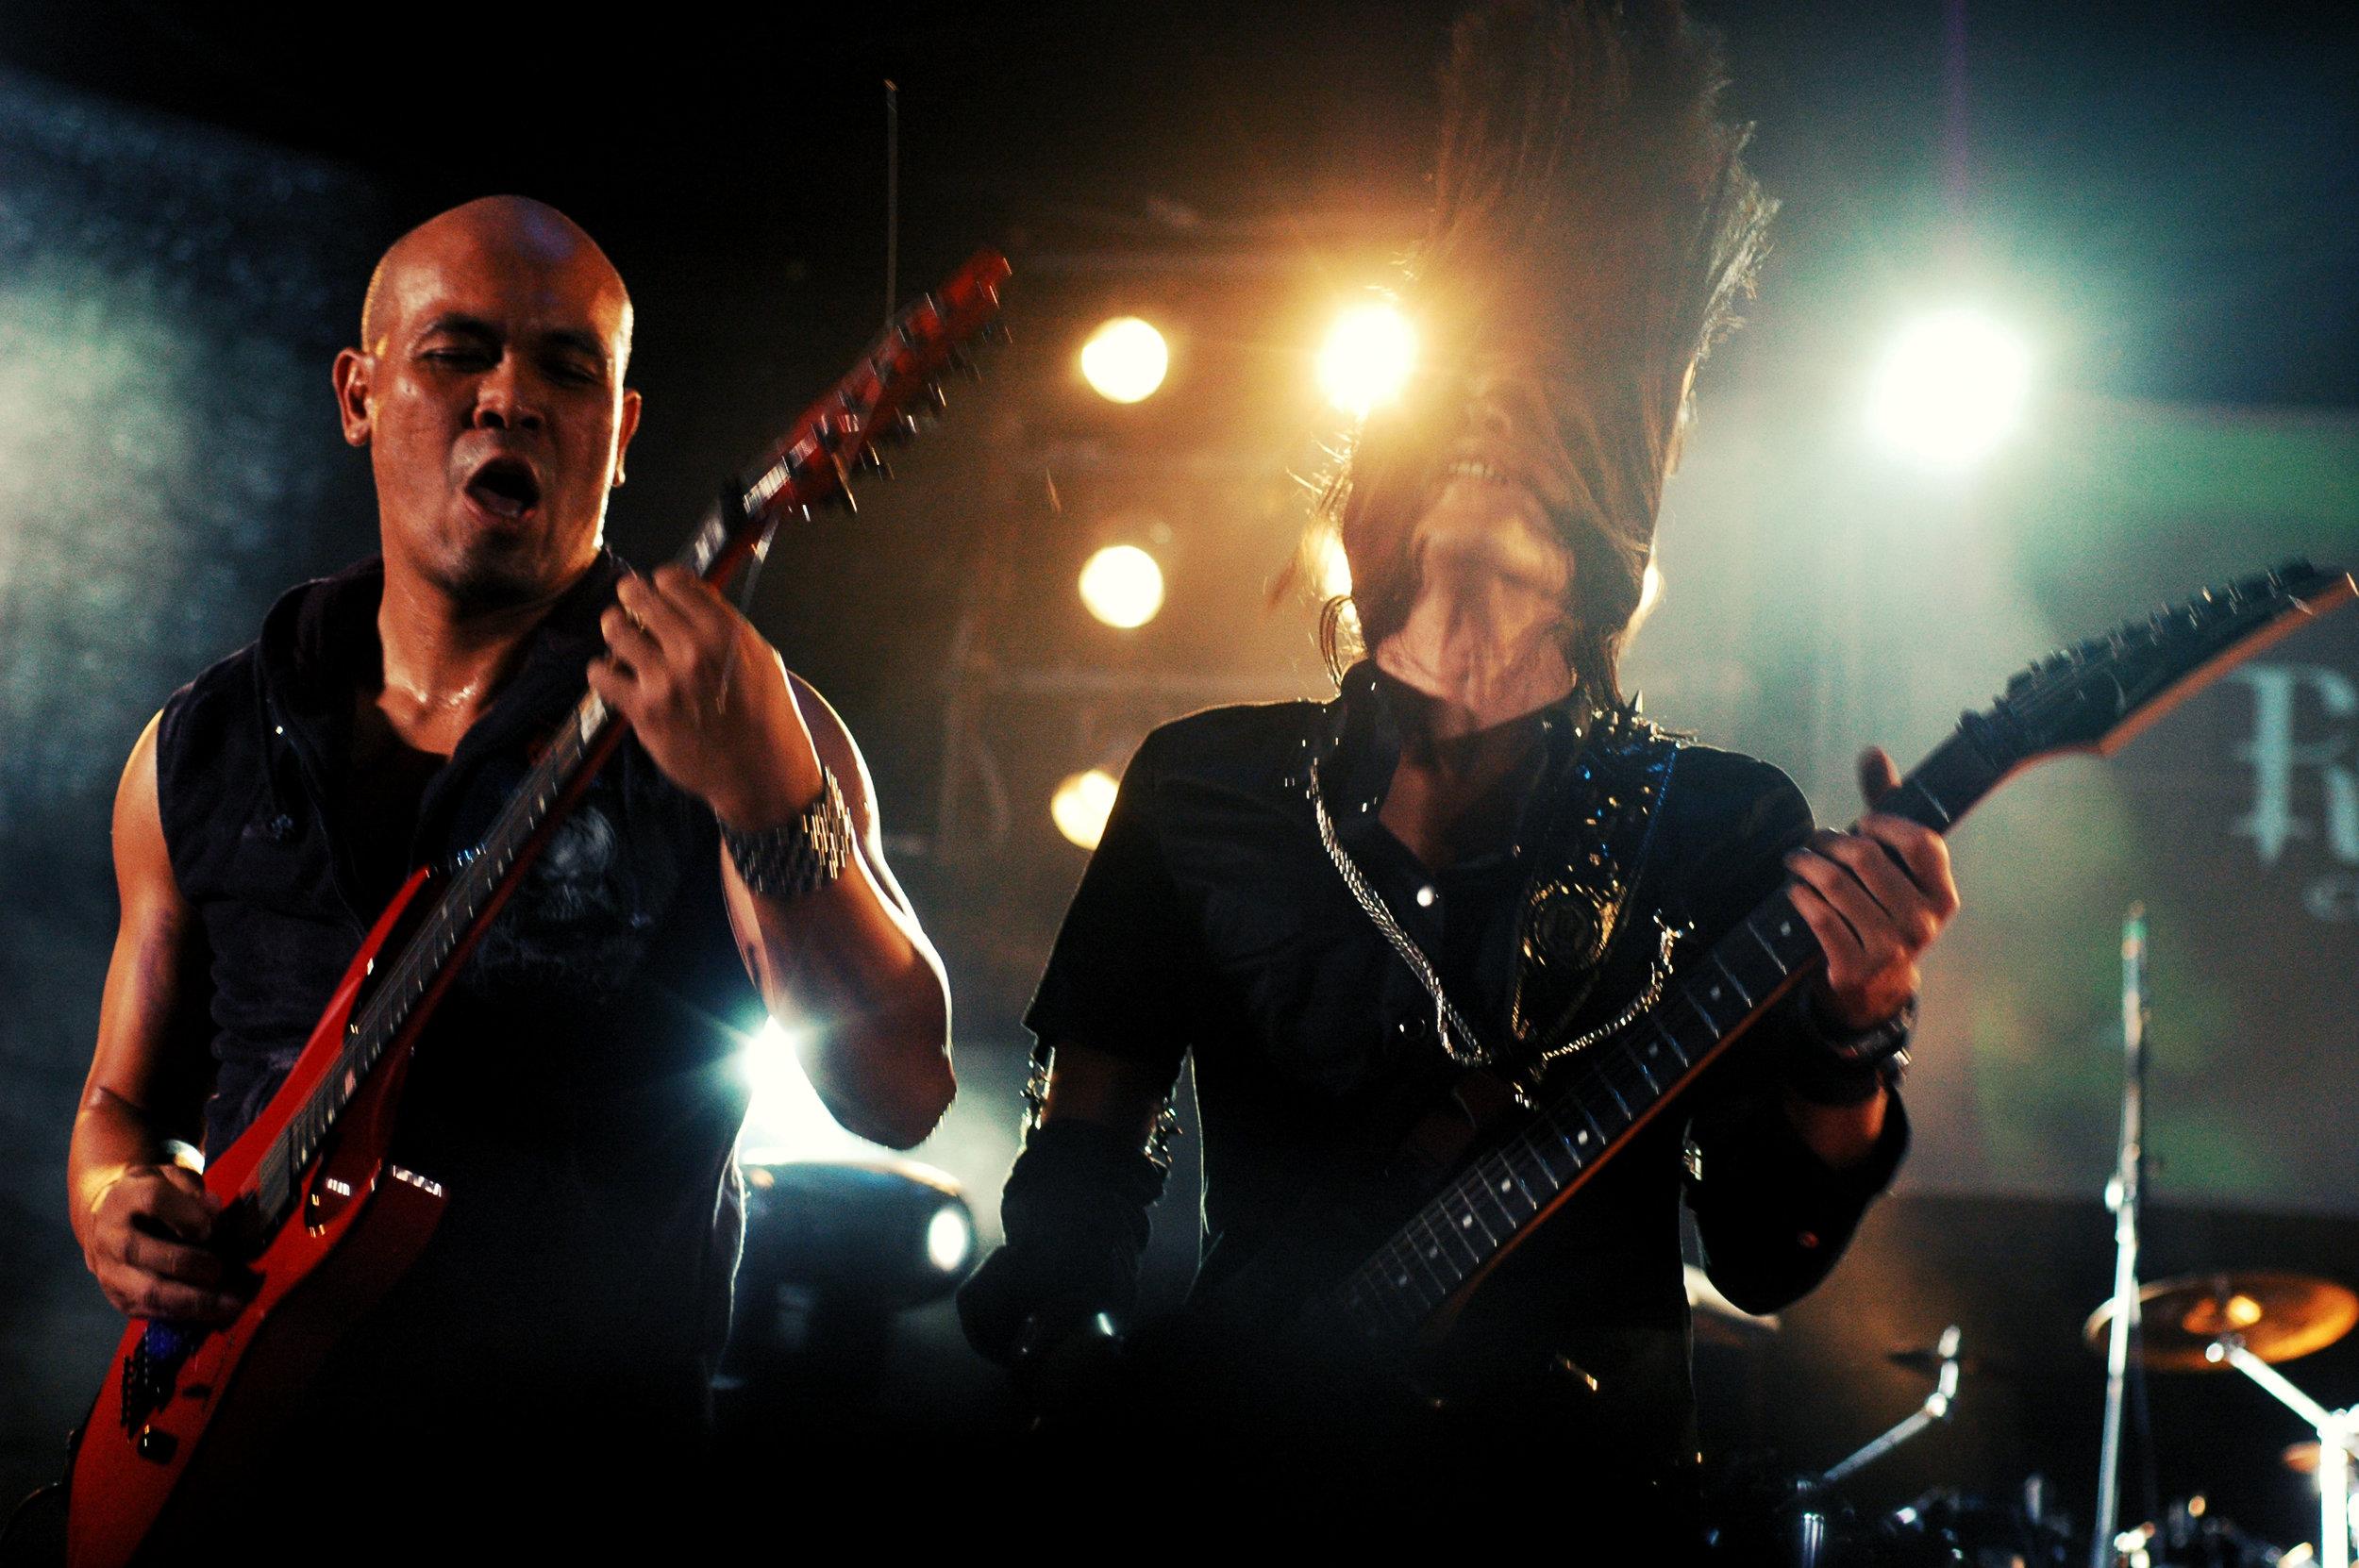 2008-02-01 - Male' City - Rockstorm Chapter 2 Freak Your Senses - D70s--4.jpg